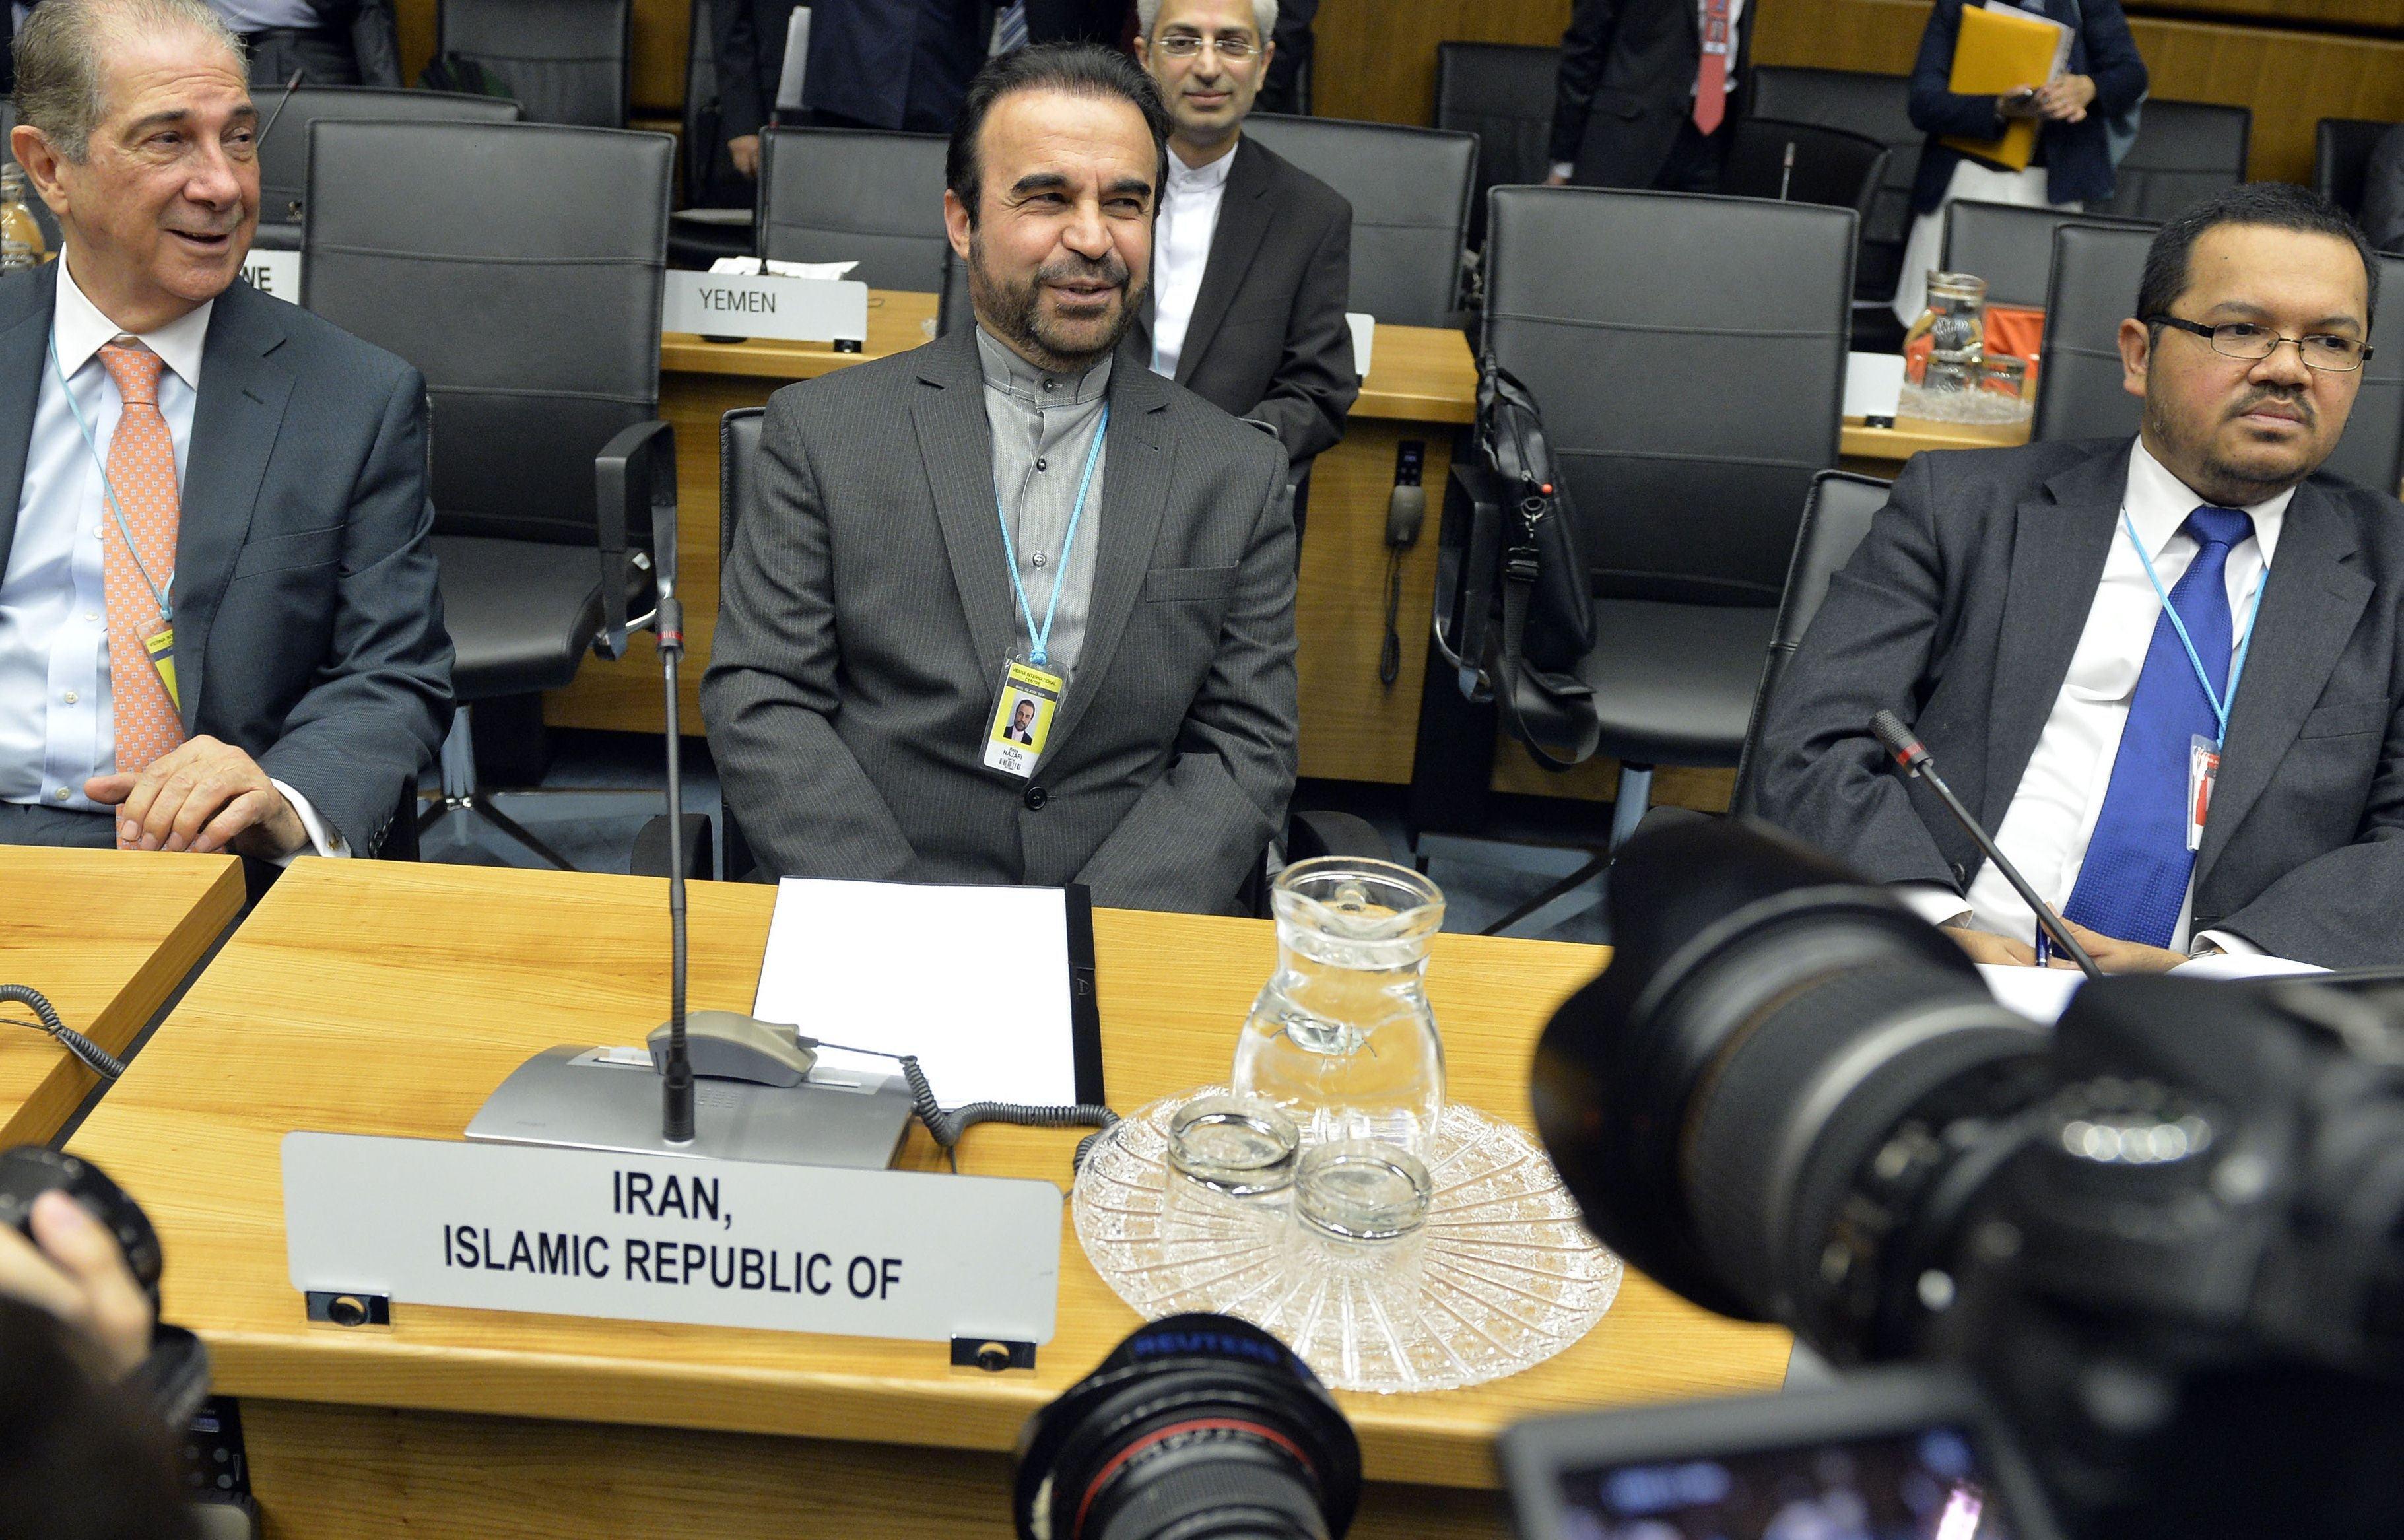 Image: AUSTRIA-IRAN-NUCLEAR-POLICY-IAEA